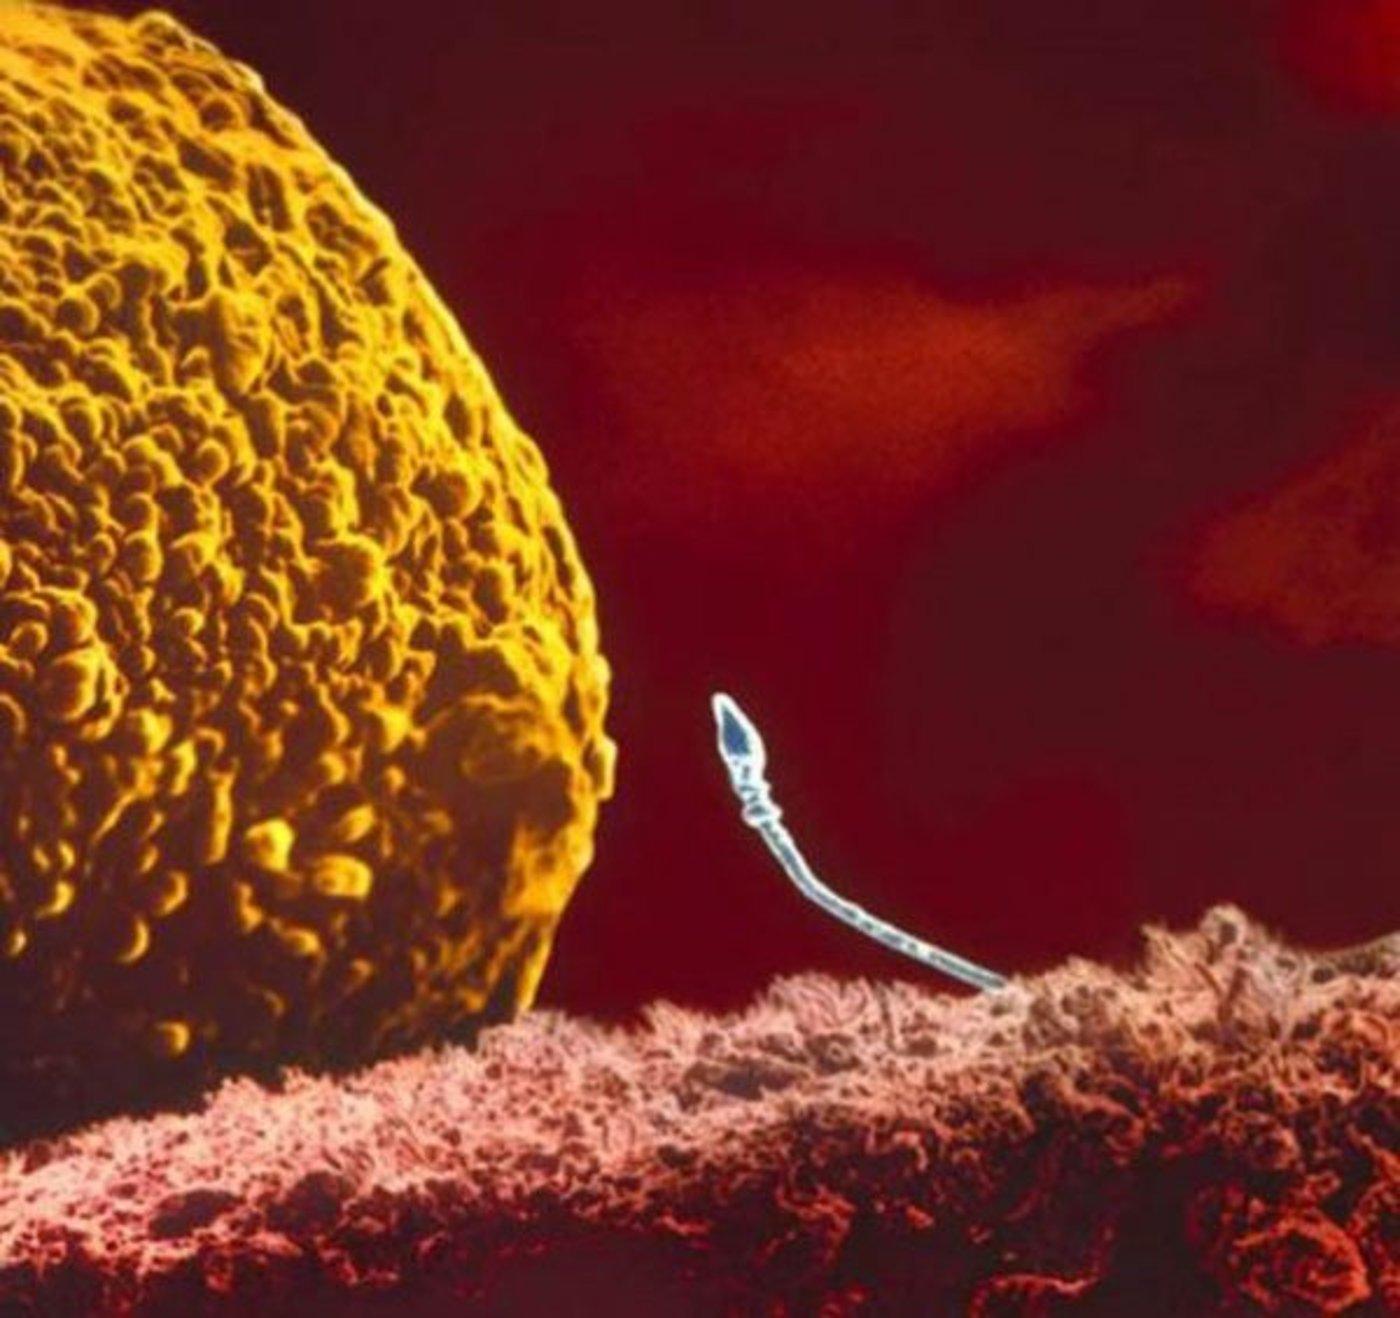 Зарождение жизни: знаменитая серия Леннарта Нильсона